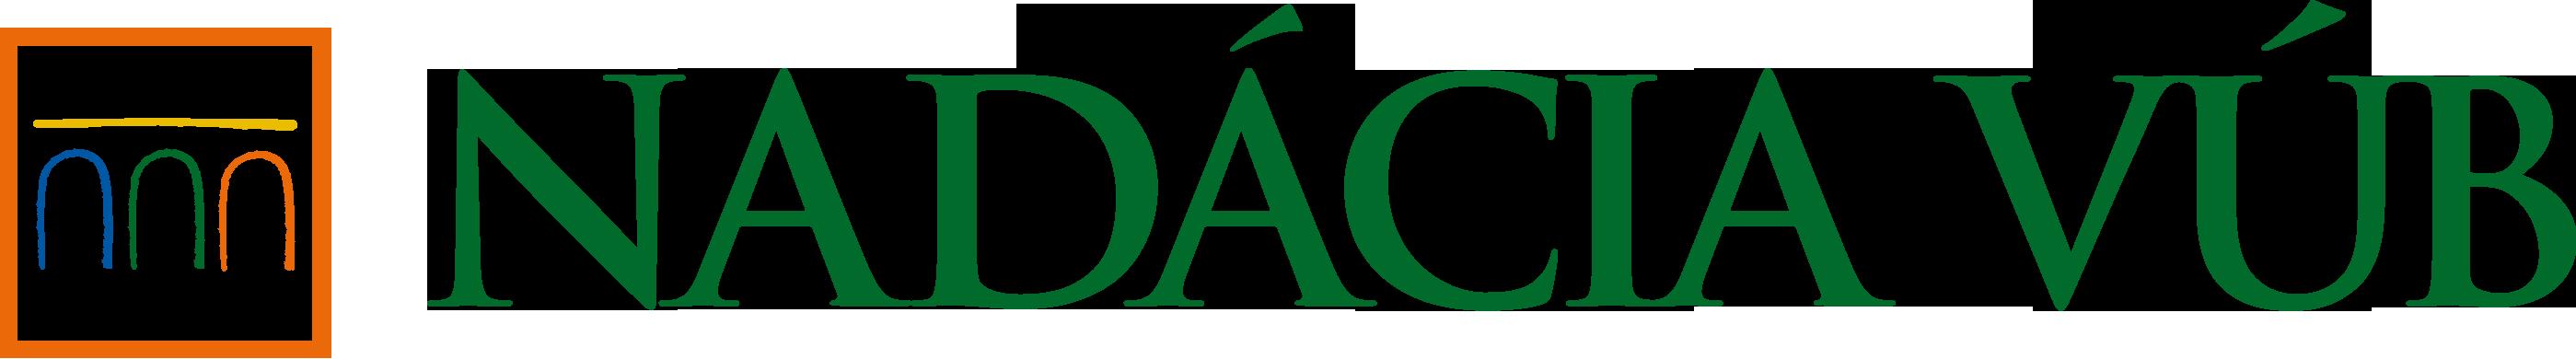 nadacia VUB logo